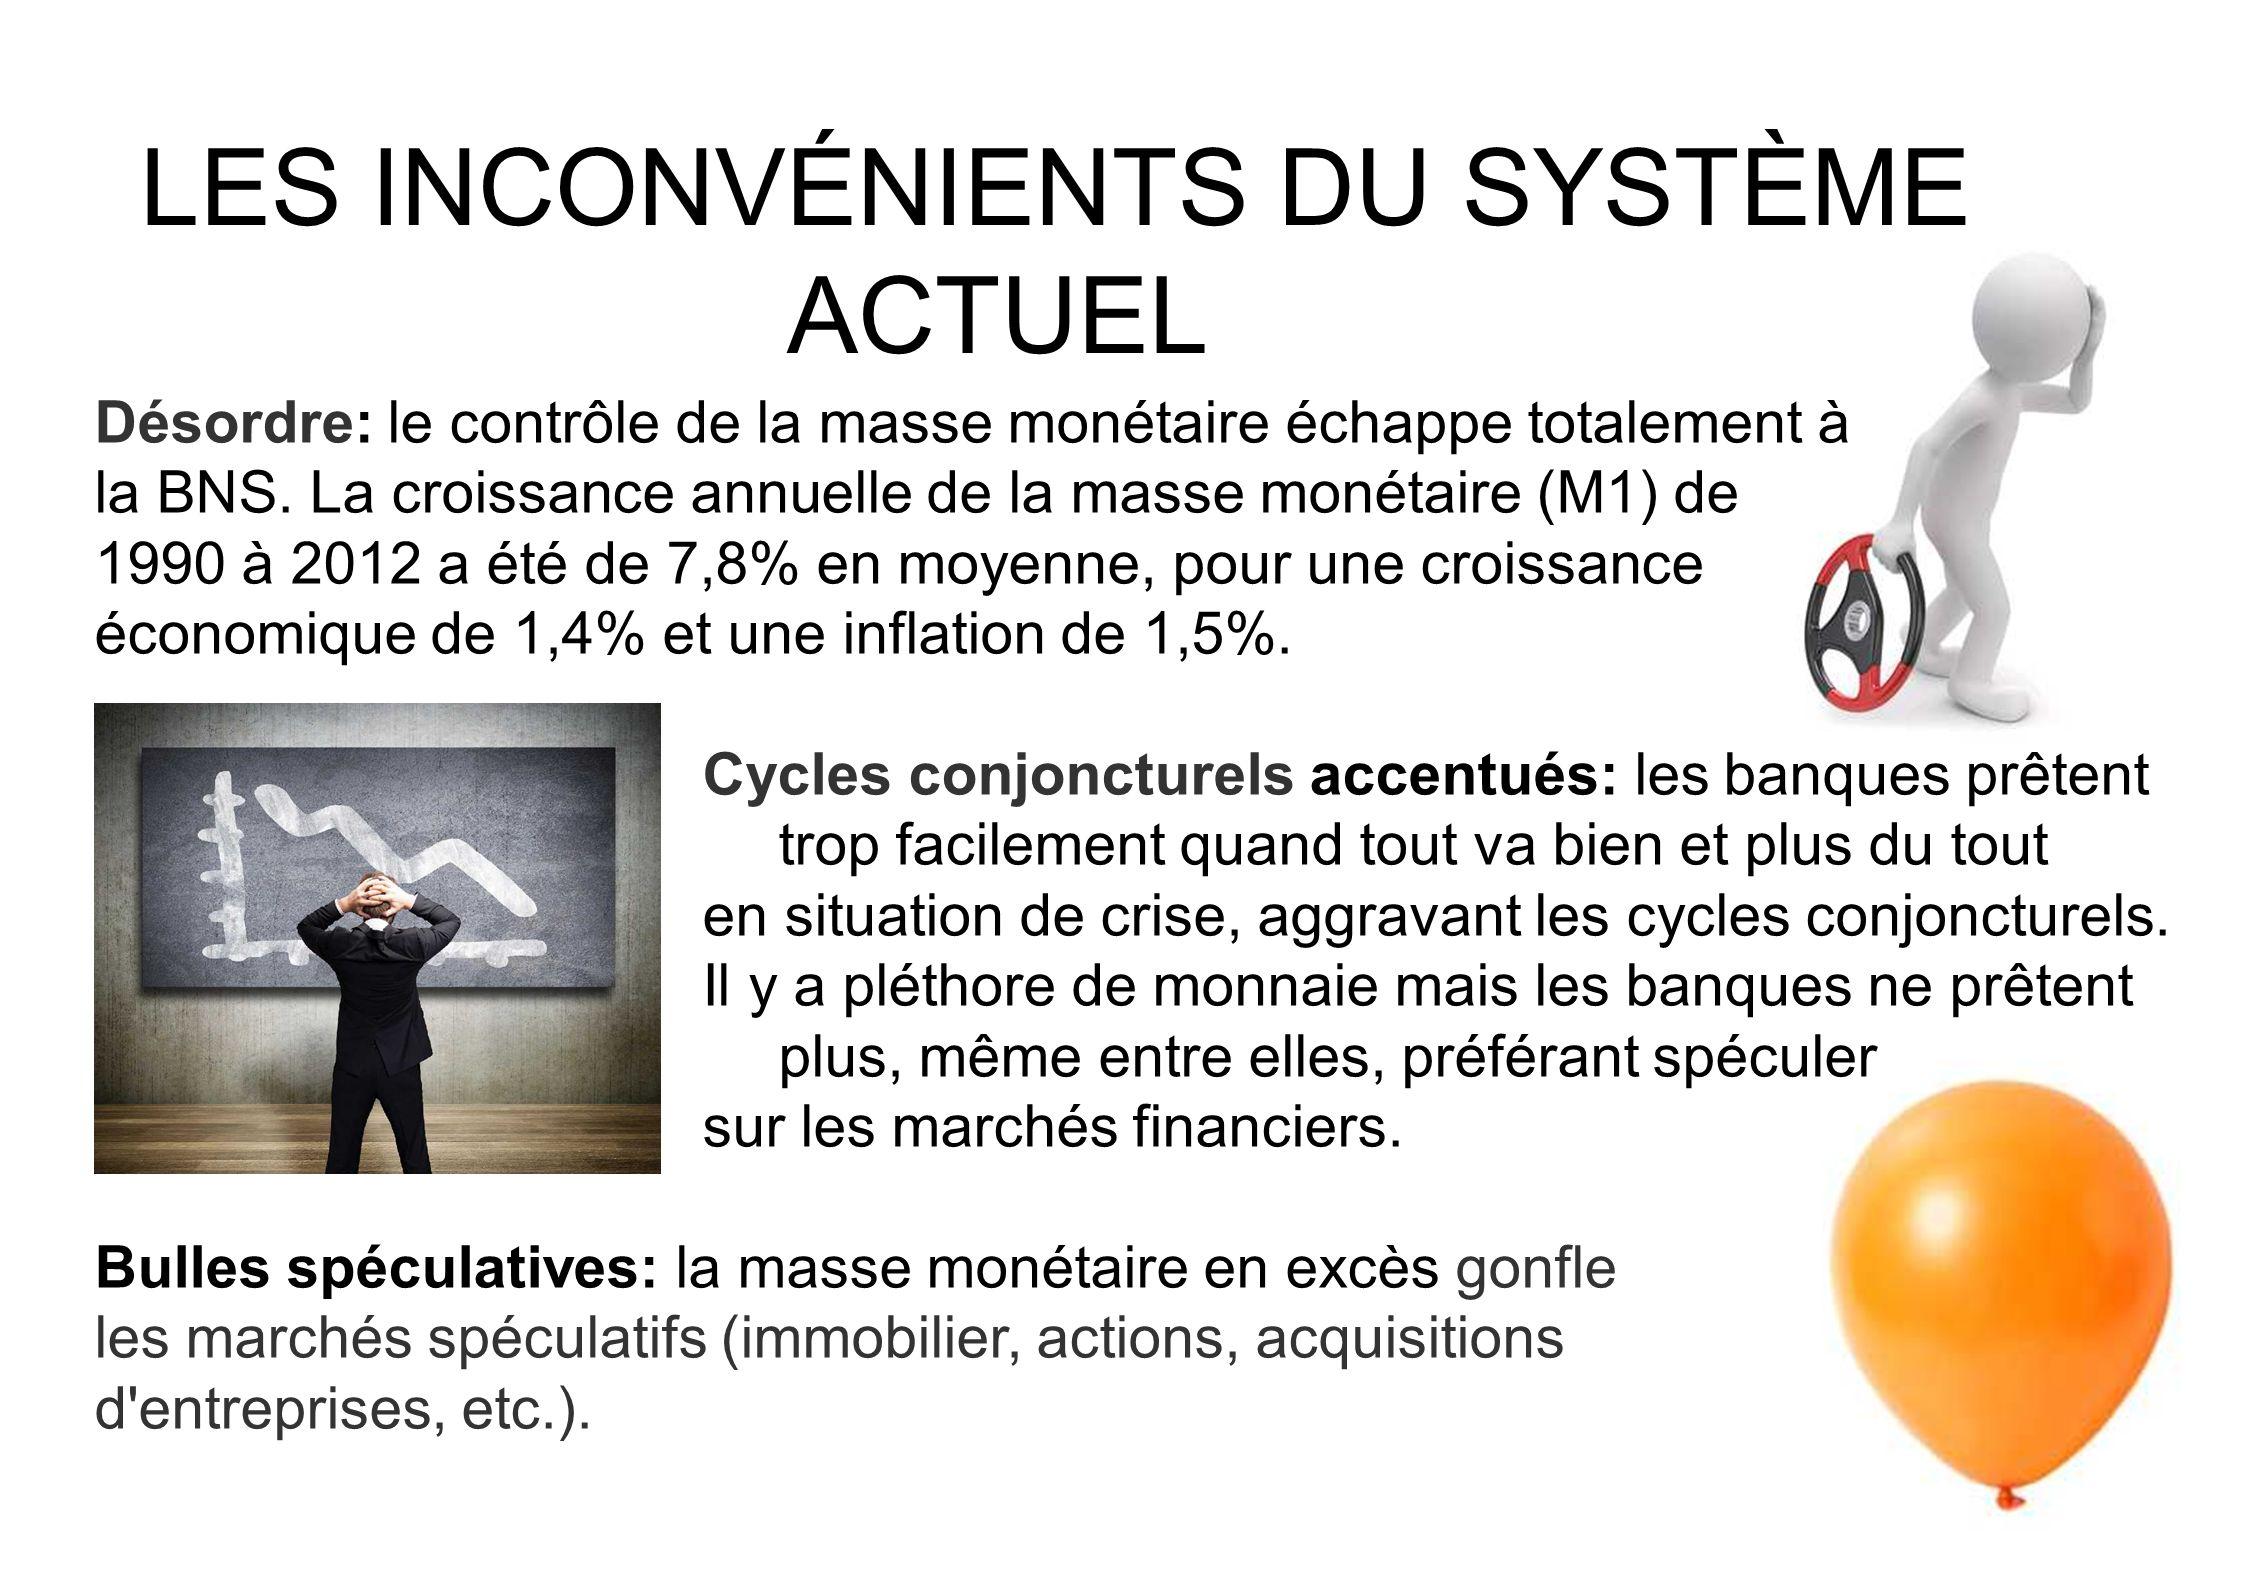 LES INCONVÉNIENTS DU SYSTÈME ACTUEL